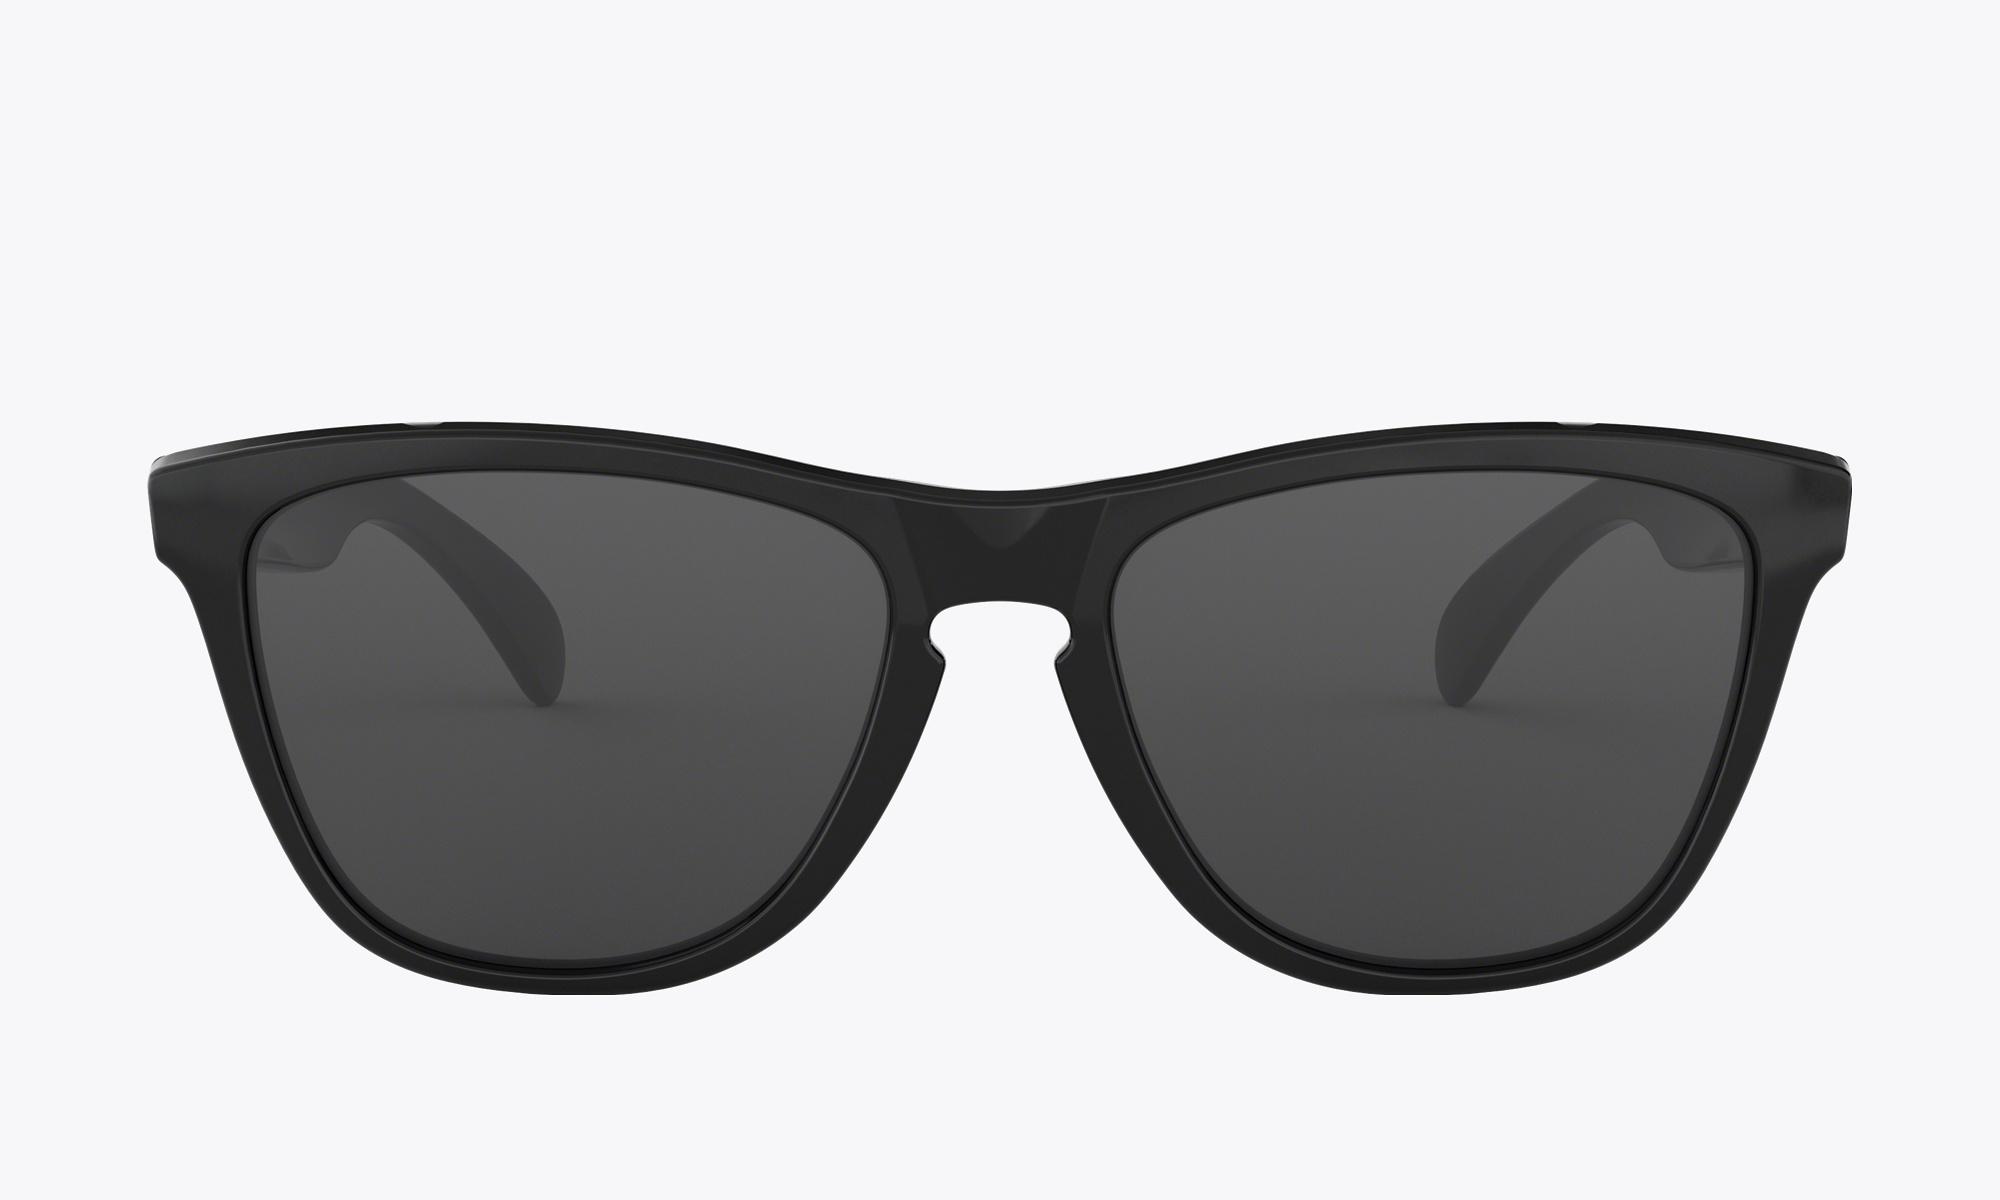 Image of Oakley FROGSKINS color Black